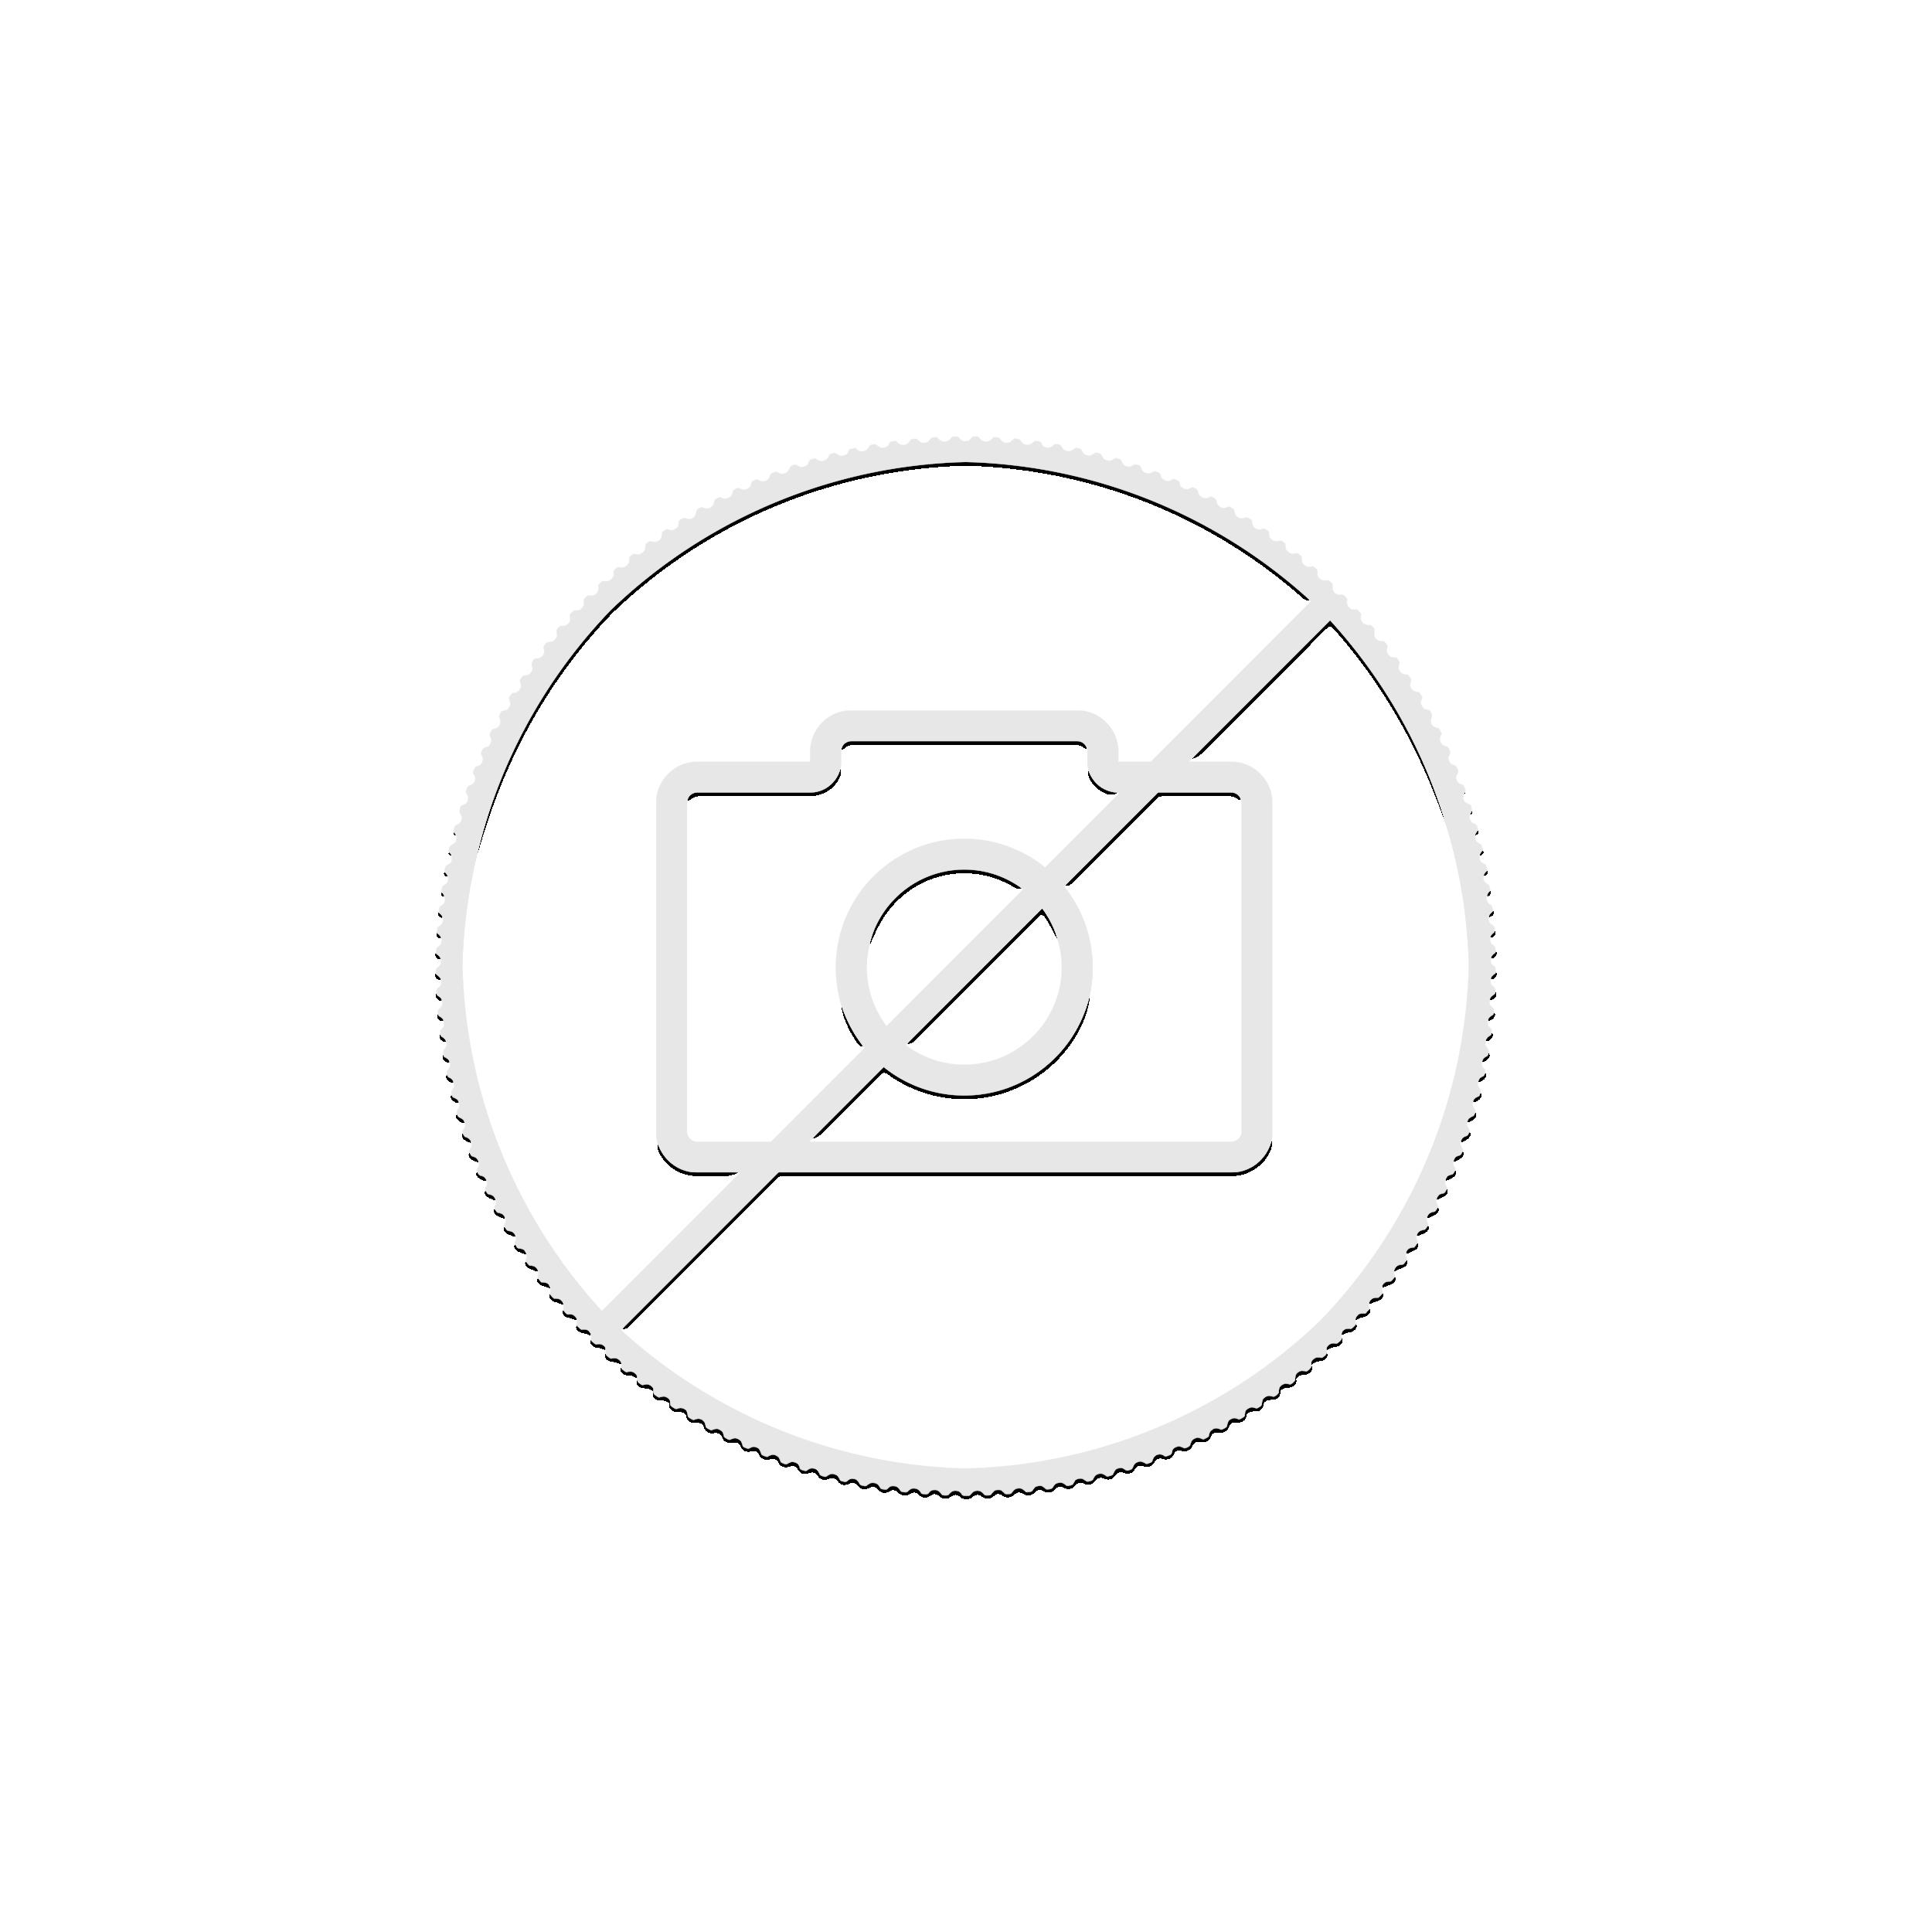 Gouden 1/10 troy ounce Wiener Philharmoniker munt 2019